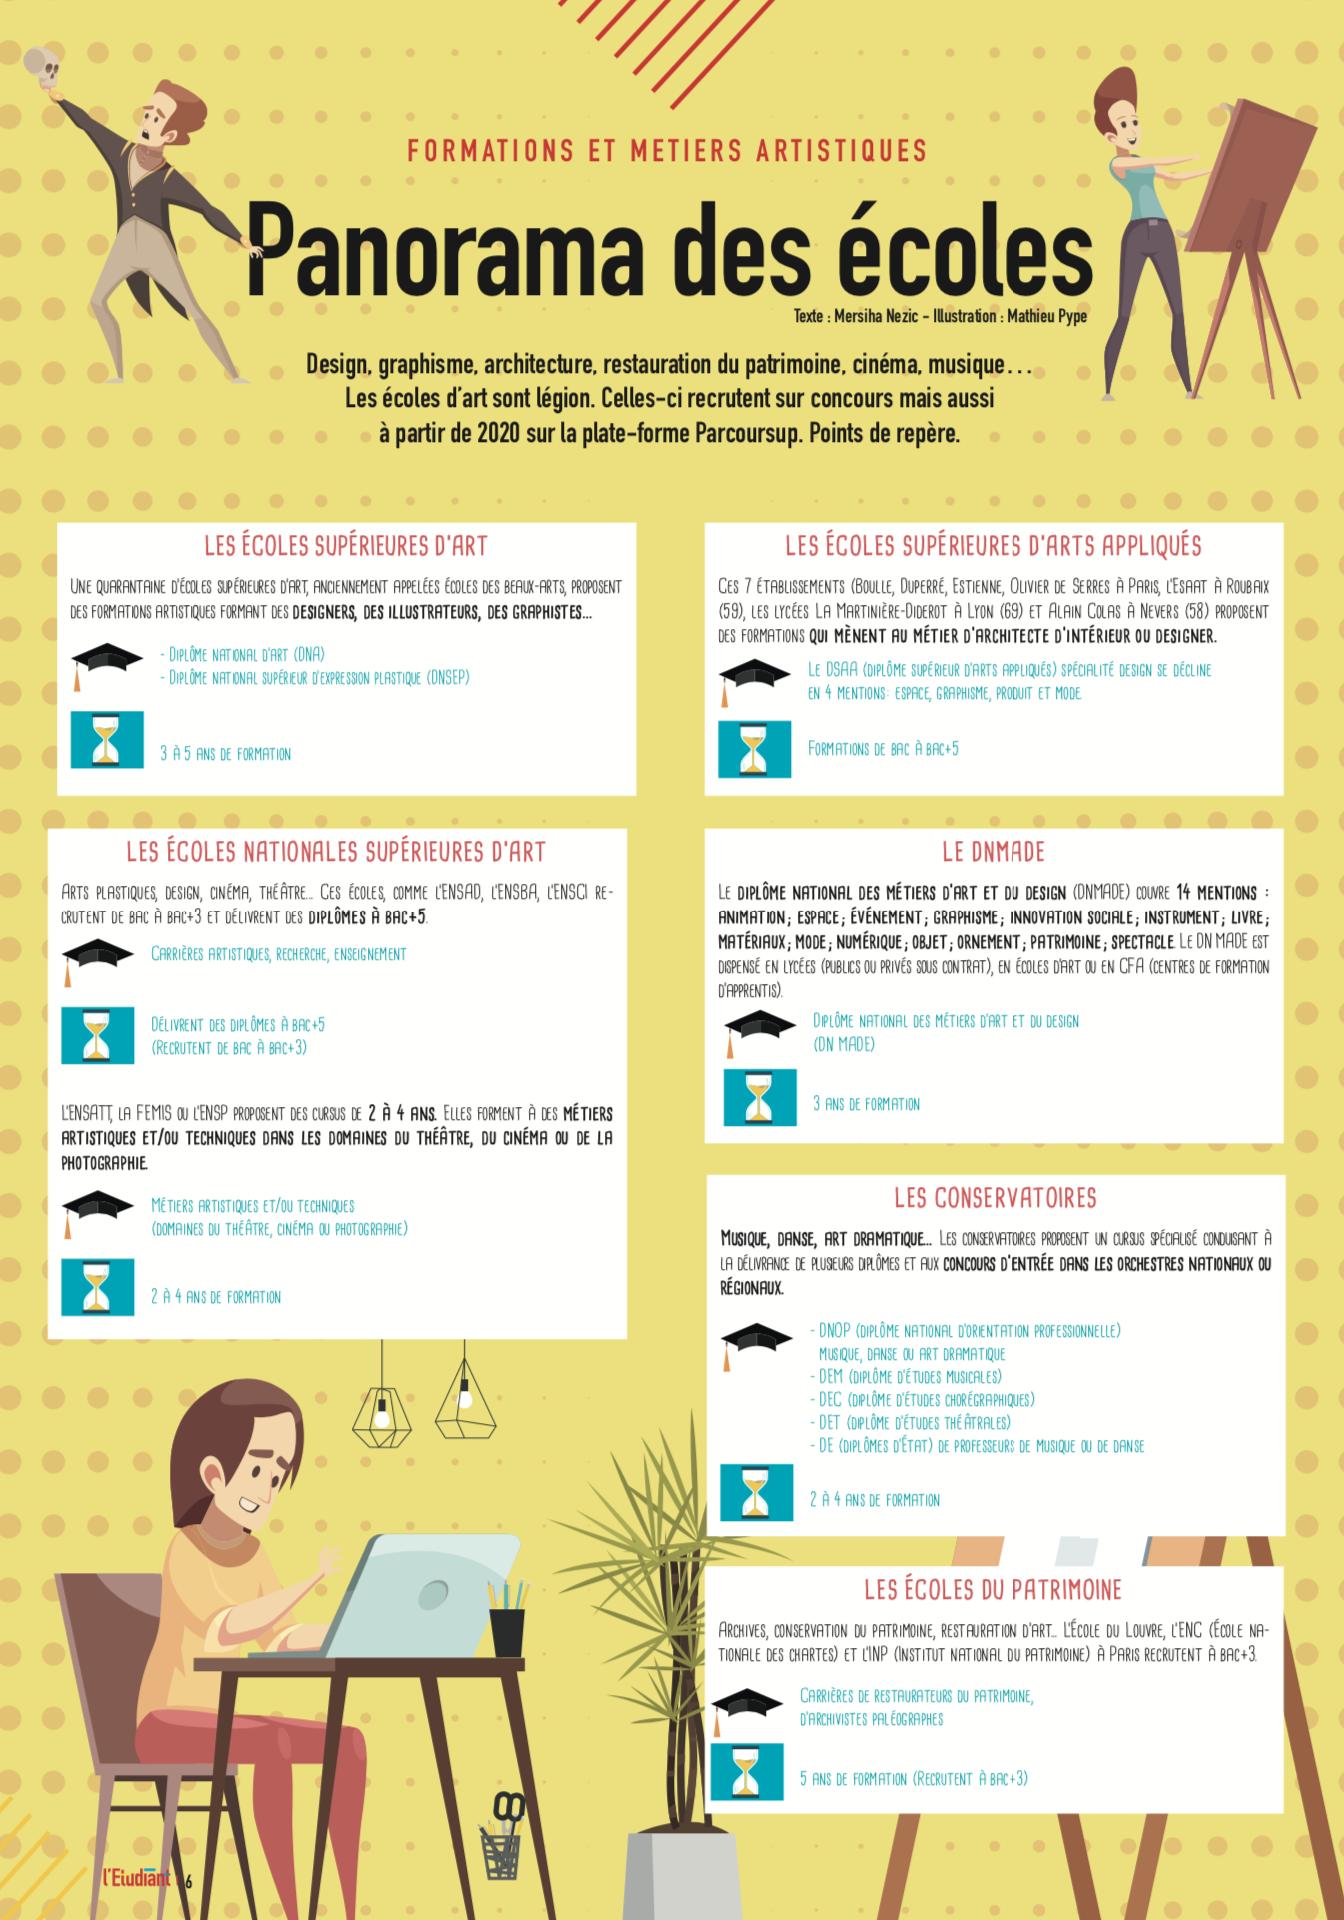 HS arts - Infographie panorama des écoles